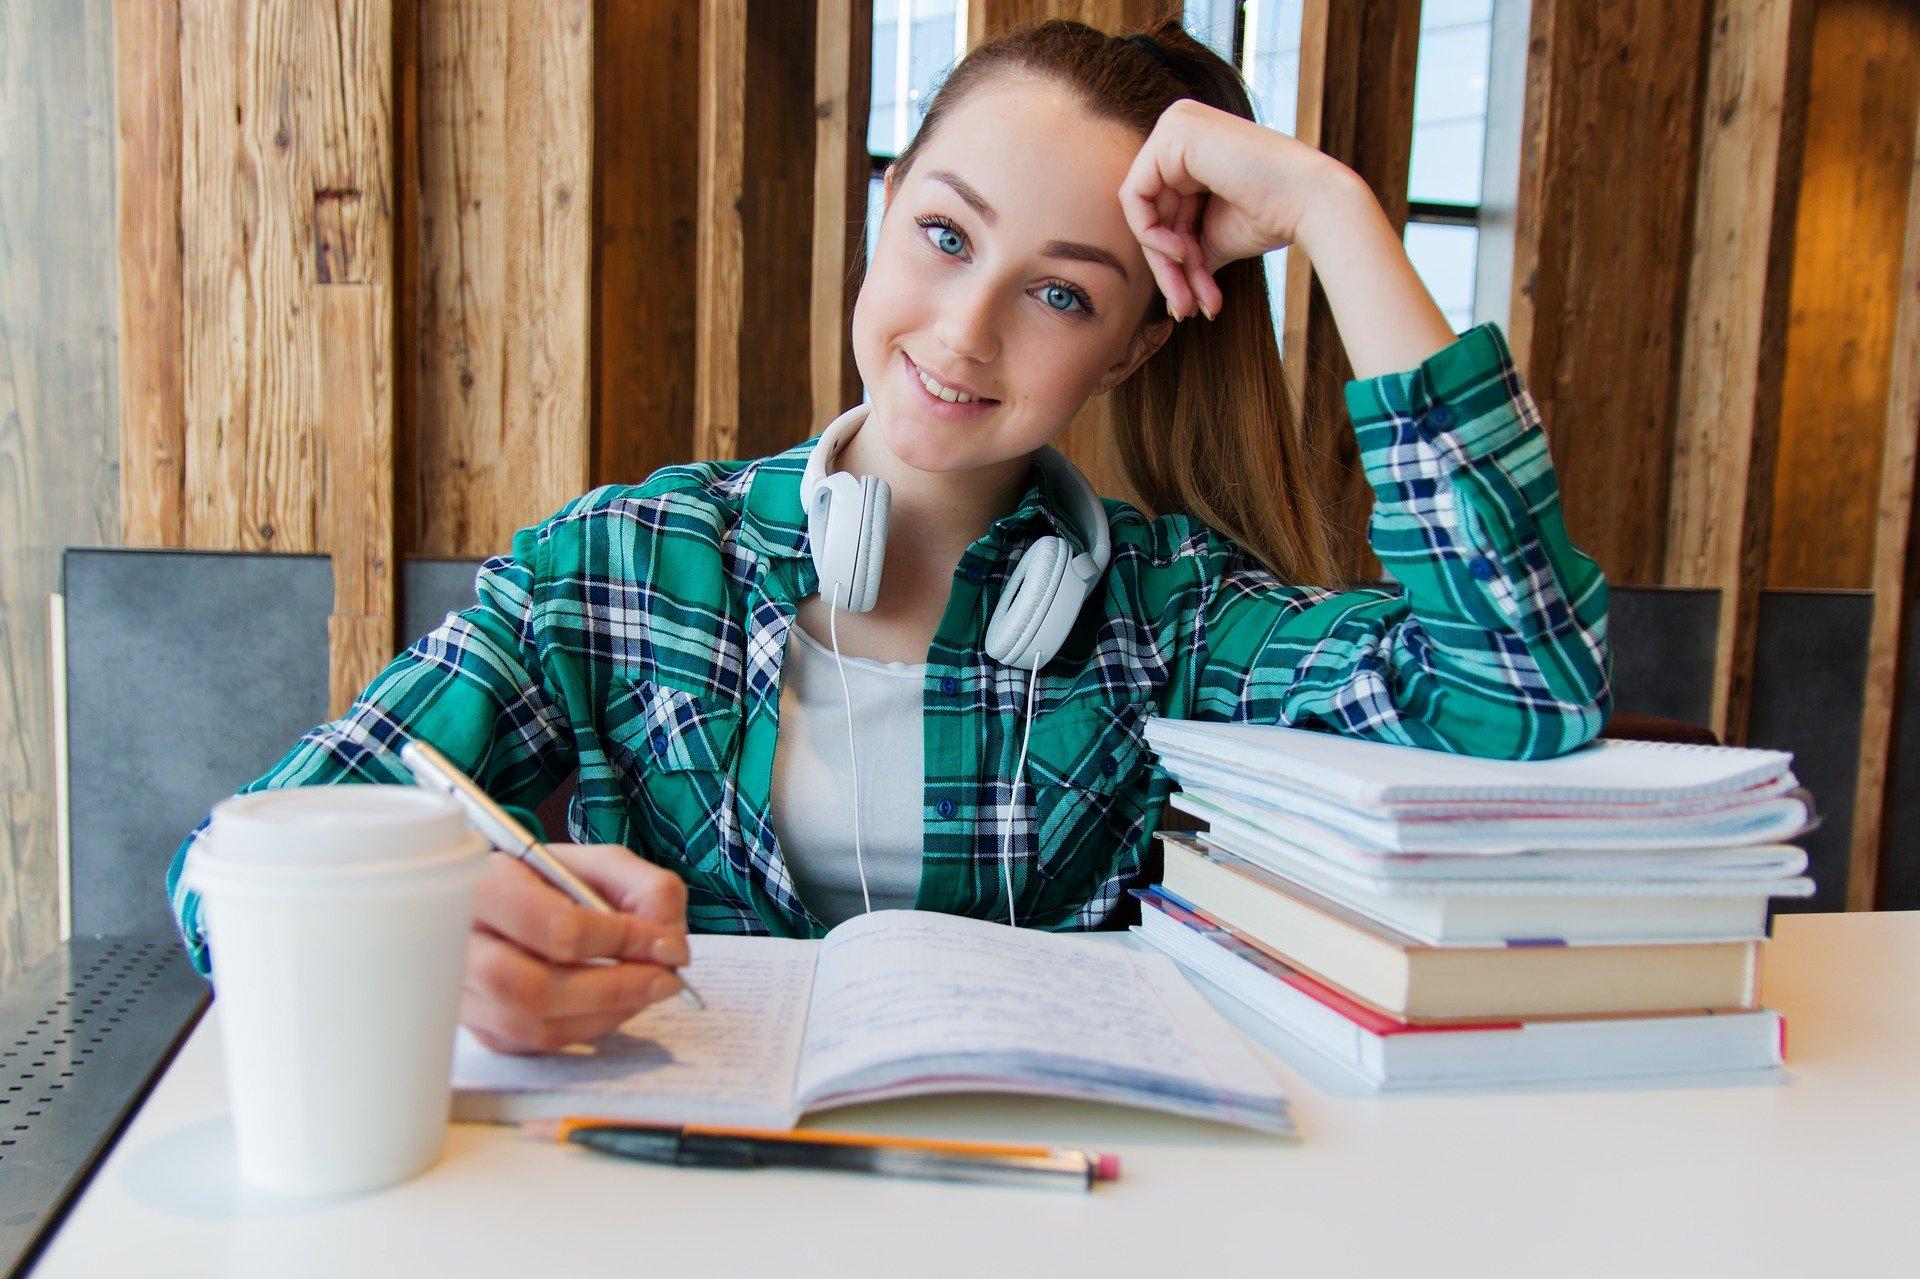 jente som studerer